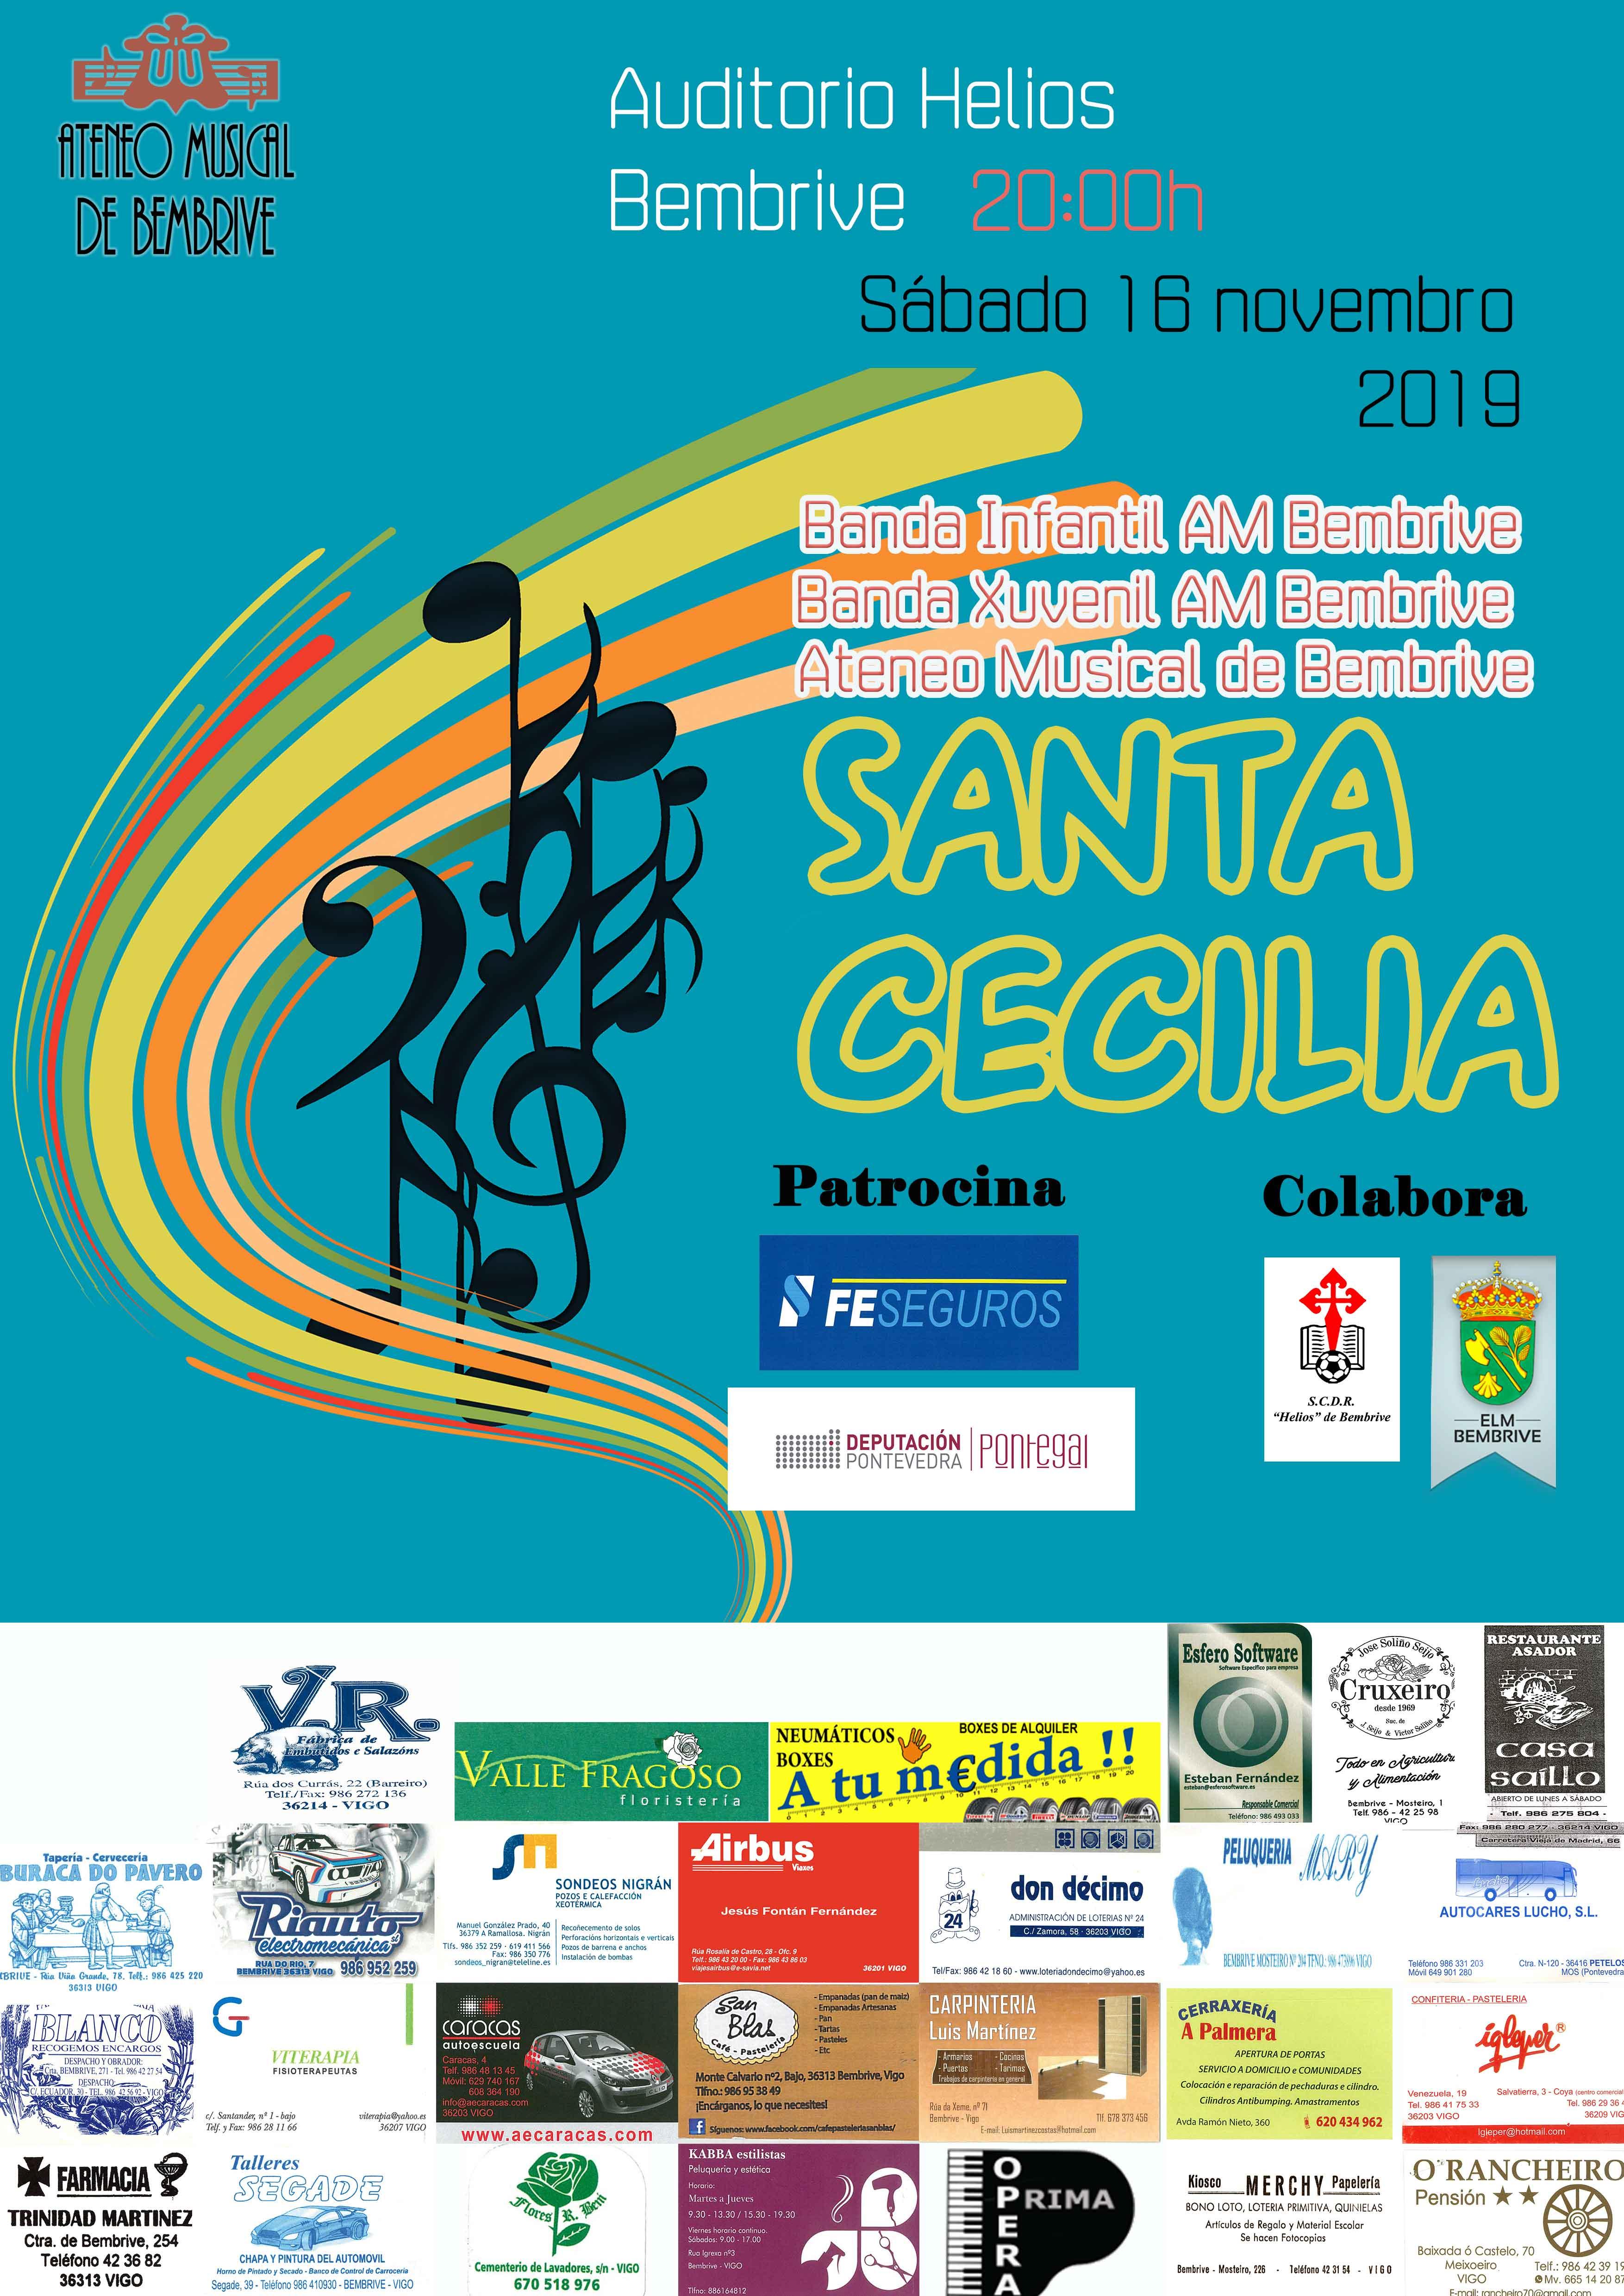 Sta Cecilia 2019